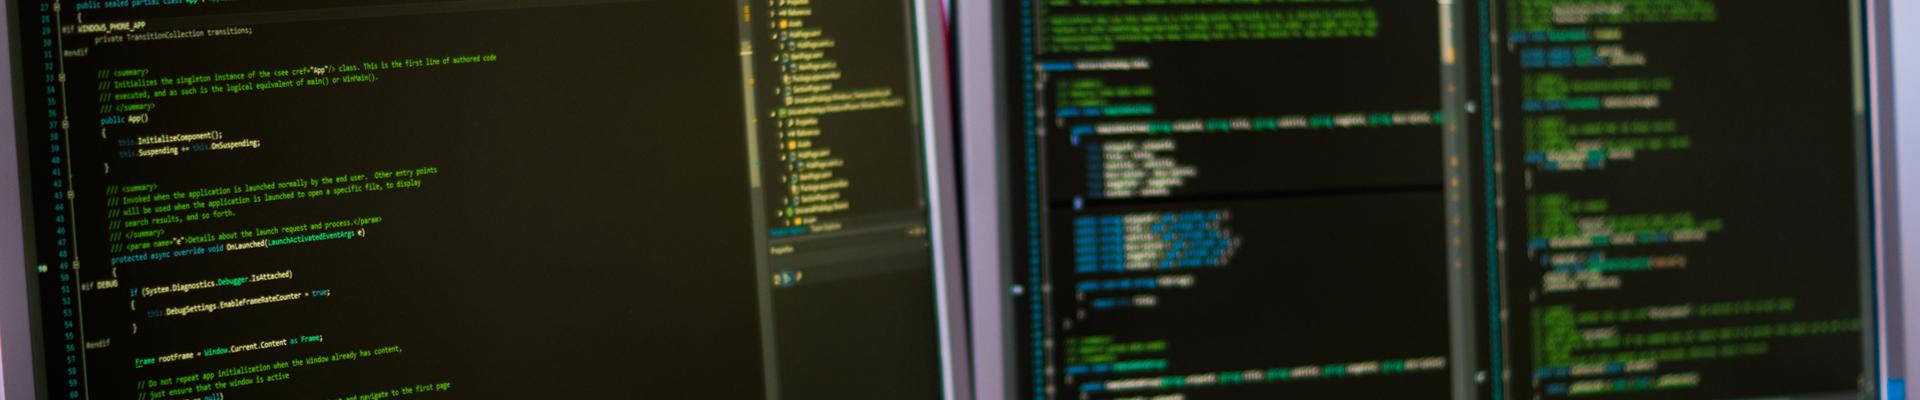 2 Bildschirme mit Quellcode